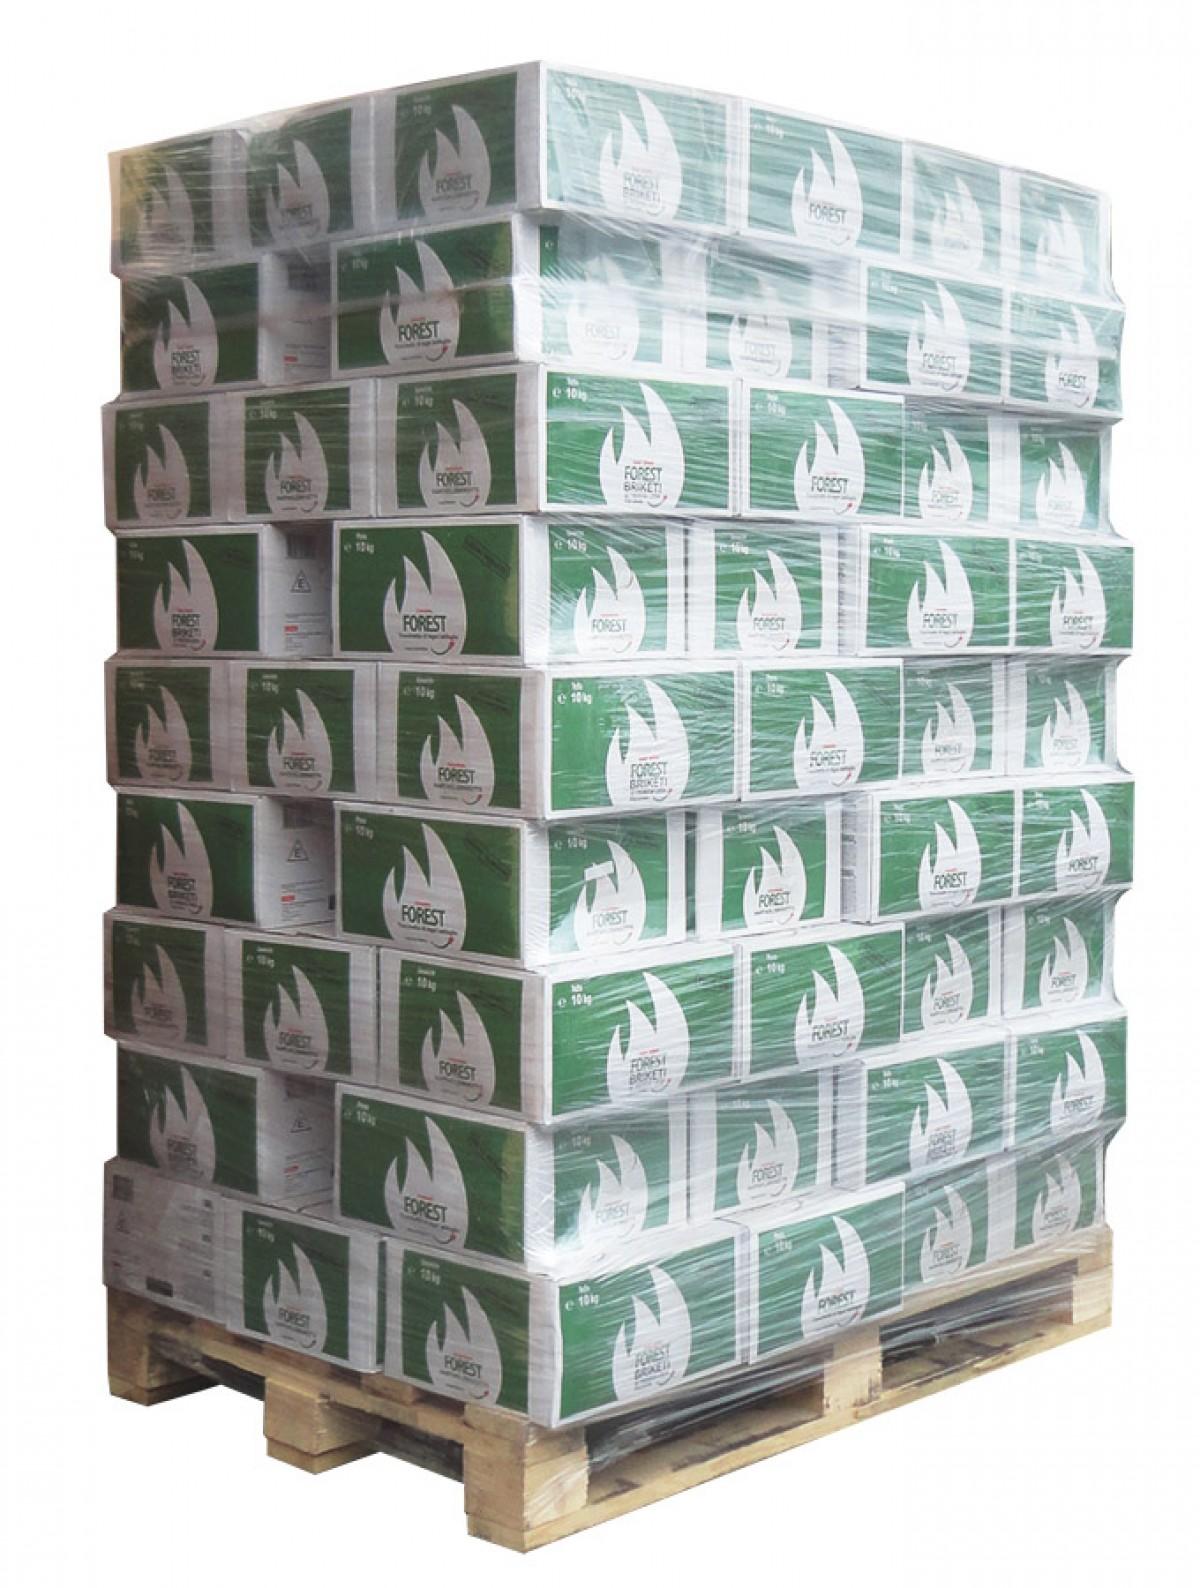 holzpellets import eco wood pellets 15 kg sack 6mm ena1 qualit t oder lose m einblasung. Black Bedroom Furniture Sets. Home Design Ideas